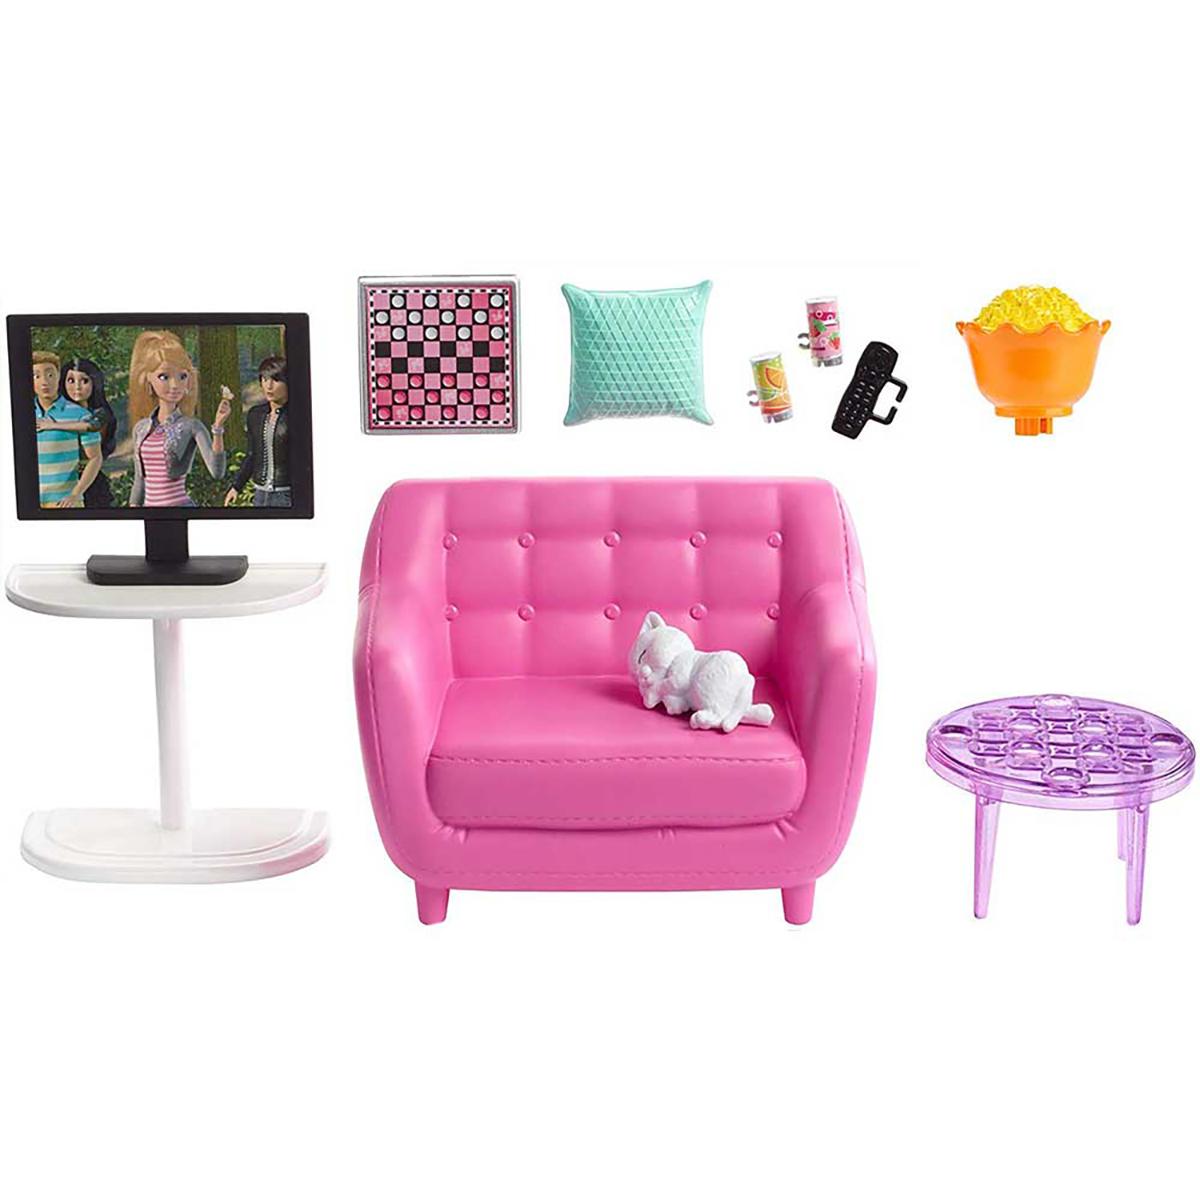 Set de joaca Barbie, Mobila sufragerie cu accesorii, FXG36